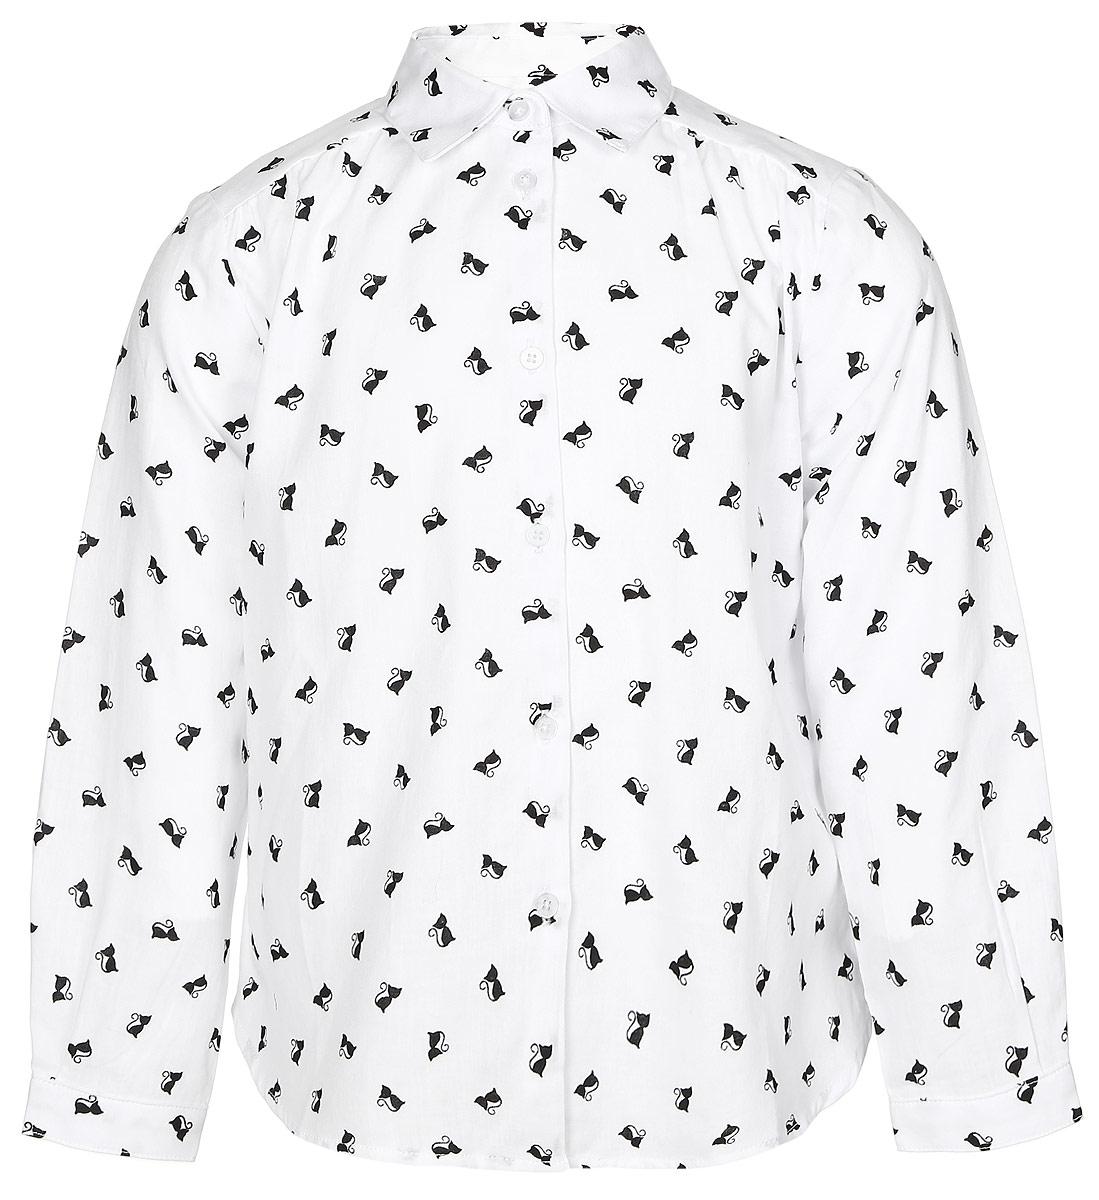 216BBGC22010207Стильная рубашка Button Blue выполнена из 100% хлопка. Модель свободного трапециевидного кроя с длинными рукавами и отложным воротником застегивается на пуговицы по всей длине и оформлена оригинальным принтом с изображением кошек. На манжетах предусмотрены застежки-пуговицы. Спинка немного удлинена.